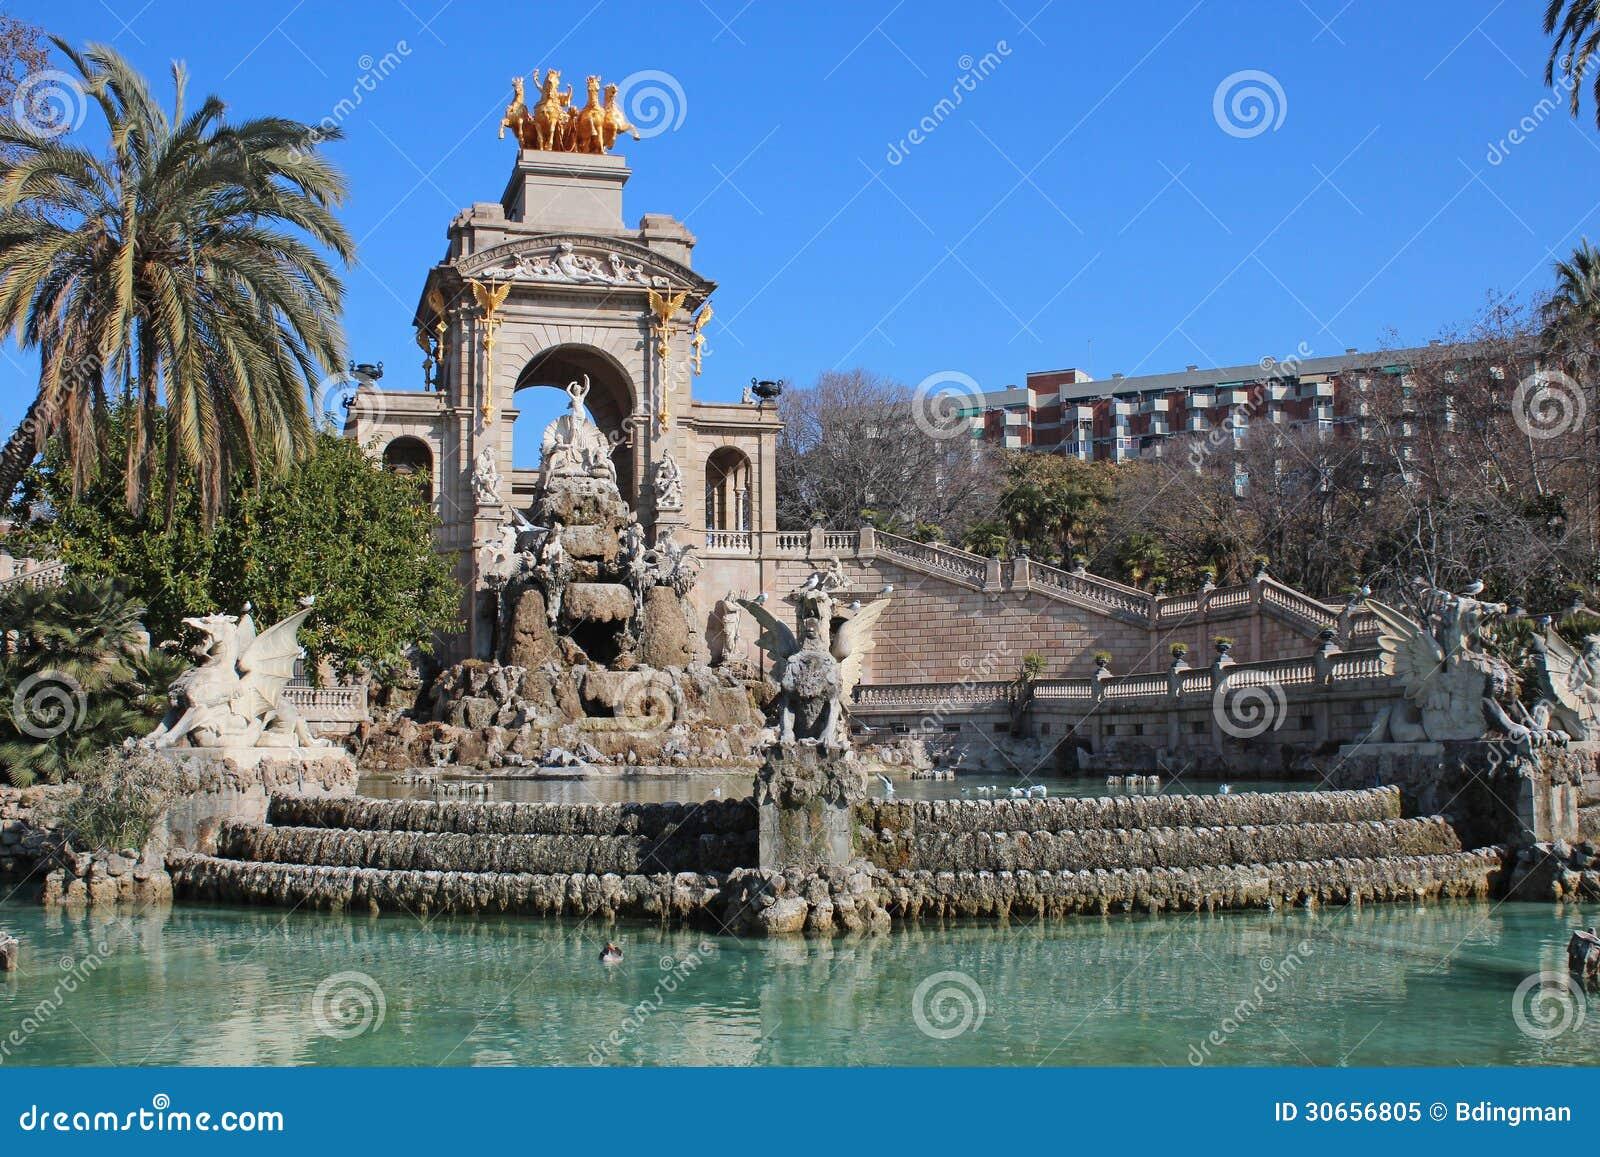 Parc de la Ciutadella (Ciutadella Park)